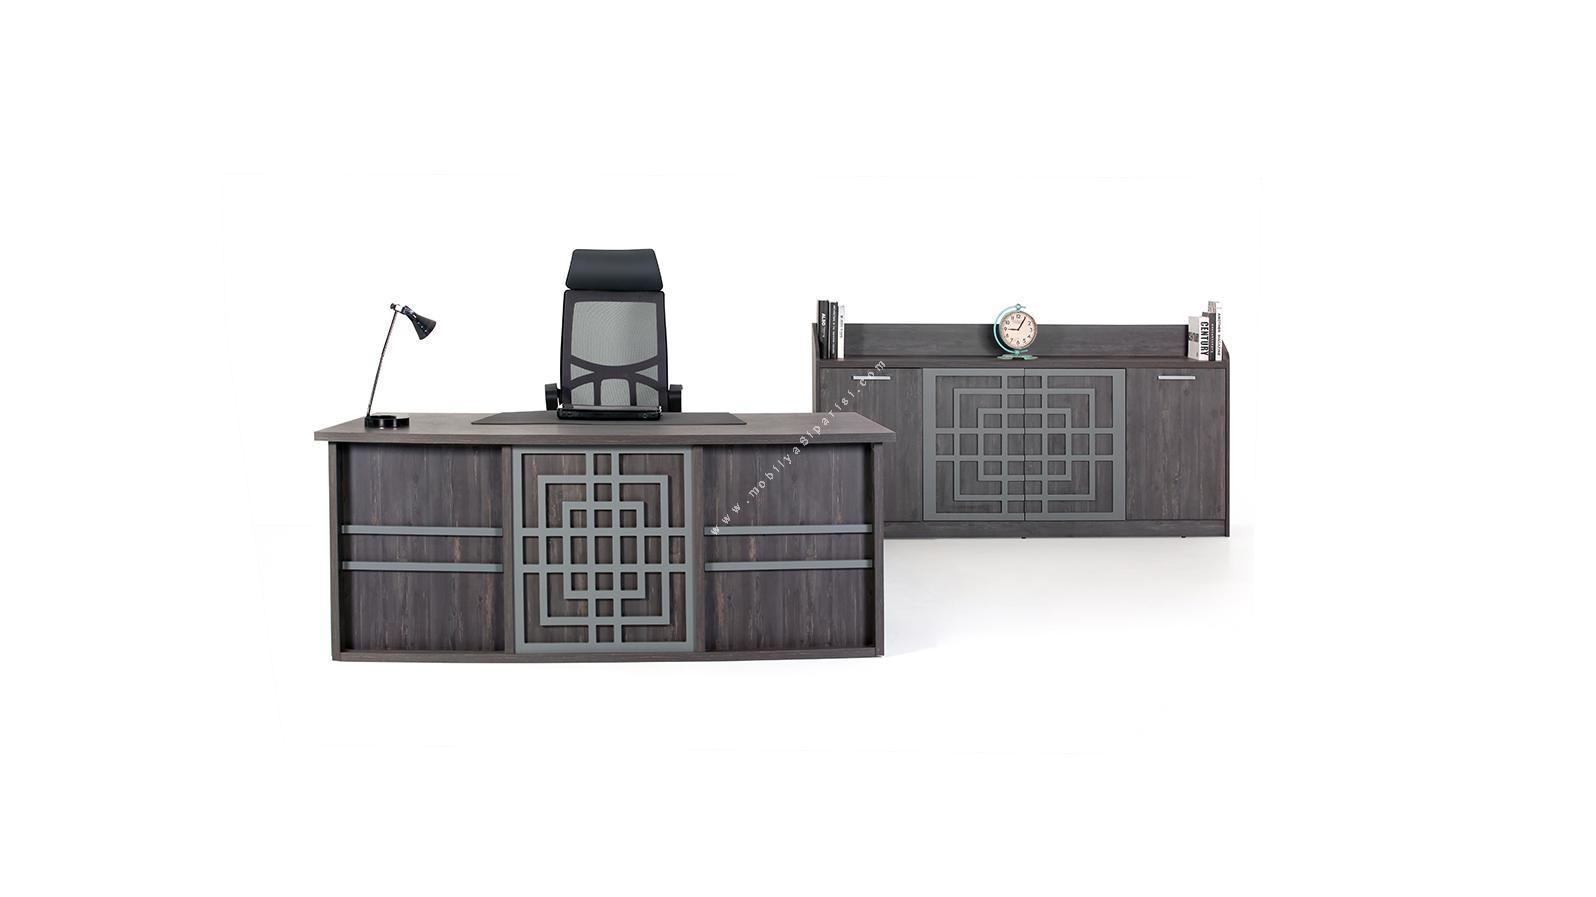 escobar kapitoneli makam mobilyası takımı